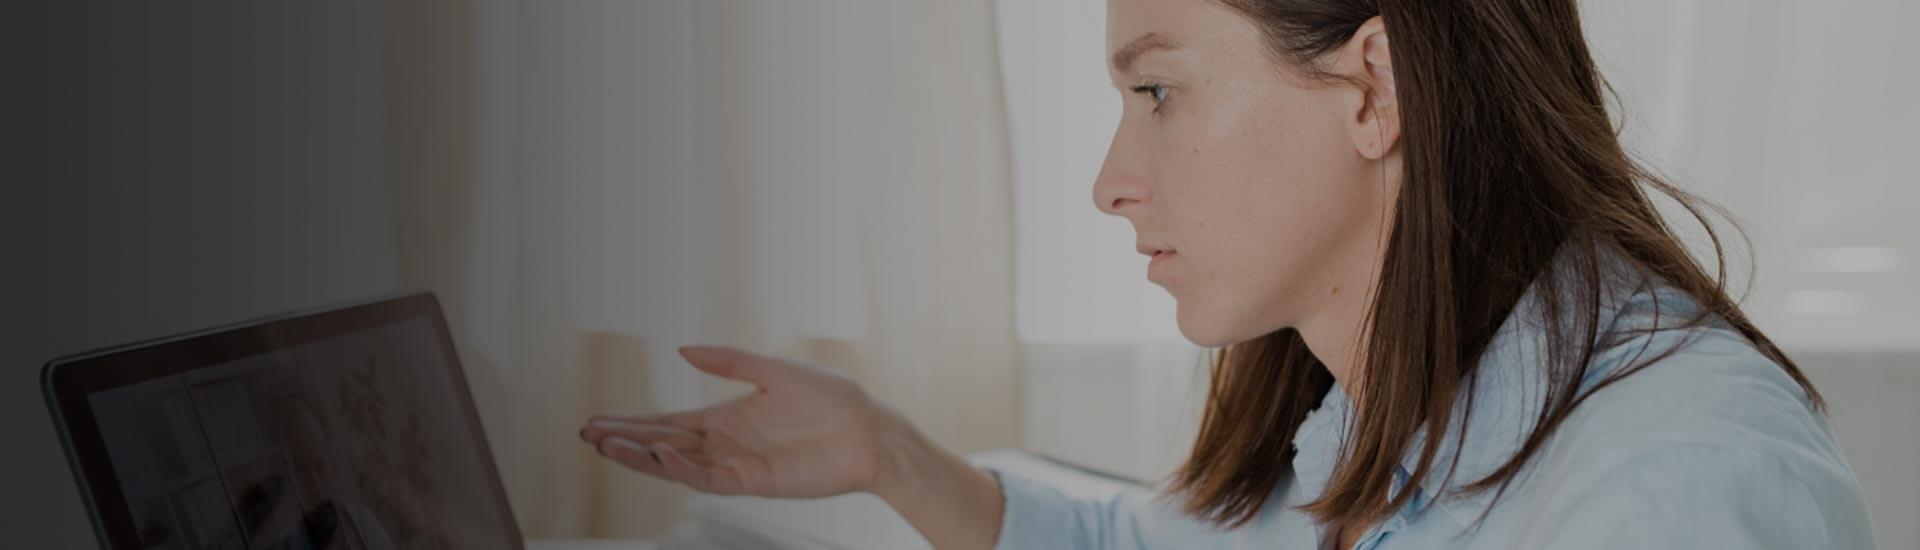 Entender los análisis de preeclampsia